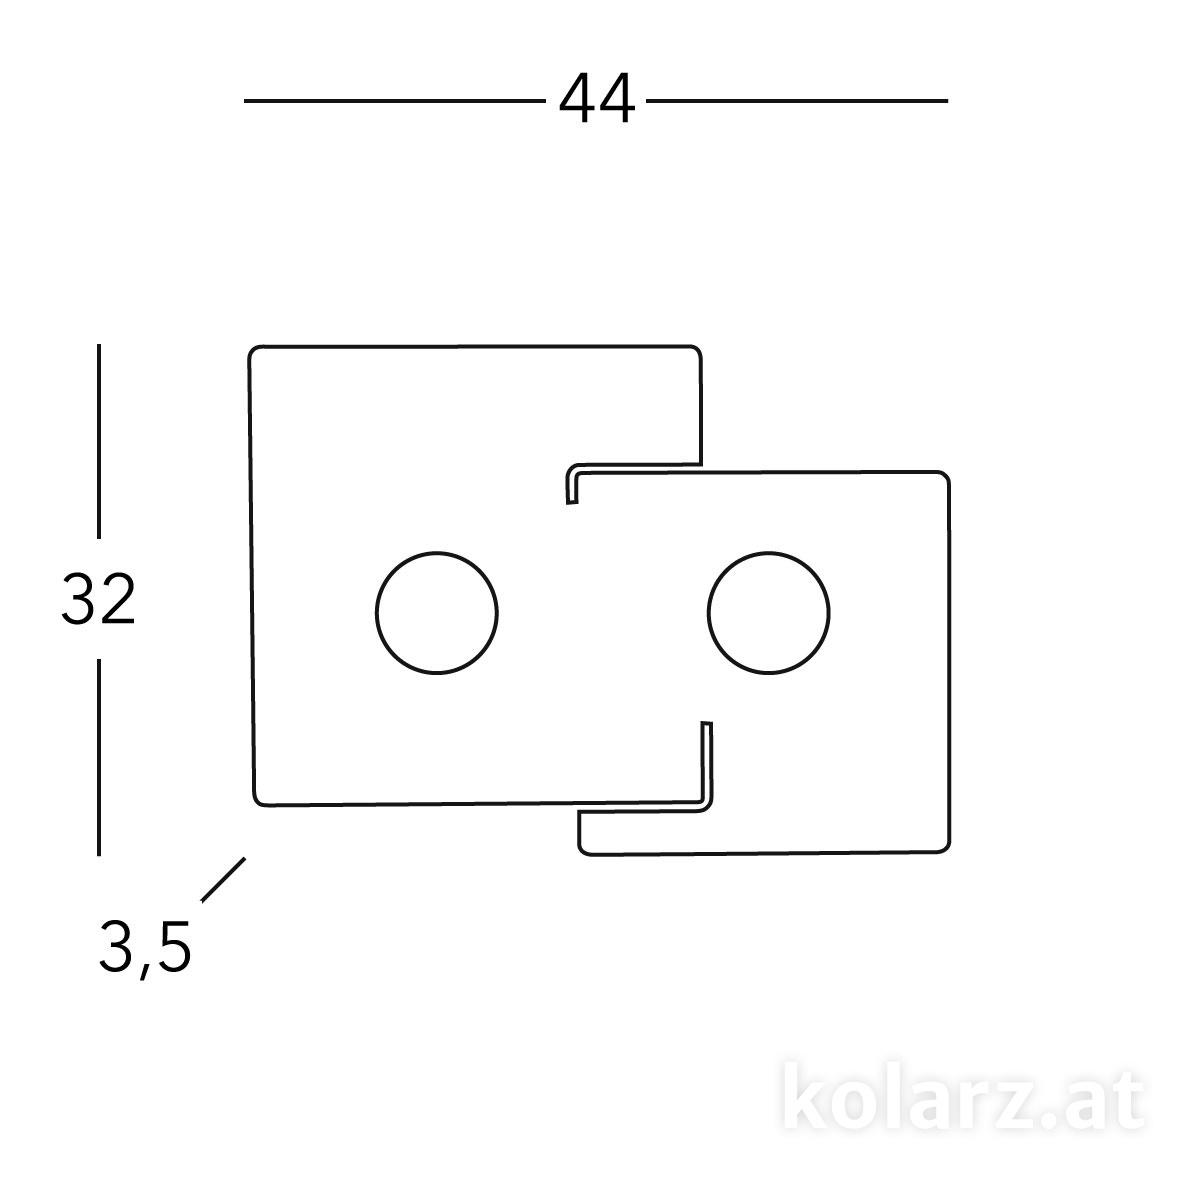 A1337-12-1-W-s1.jpg